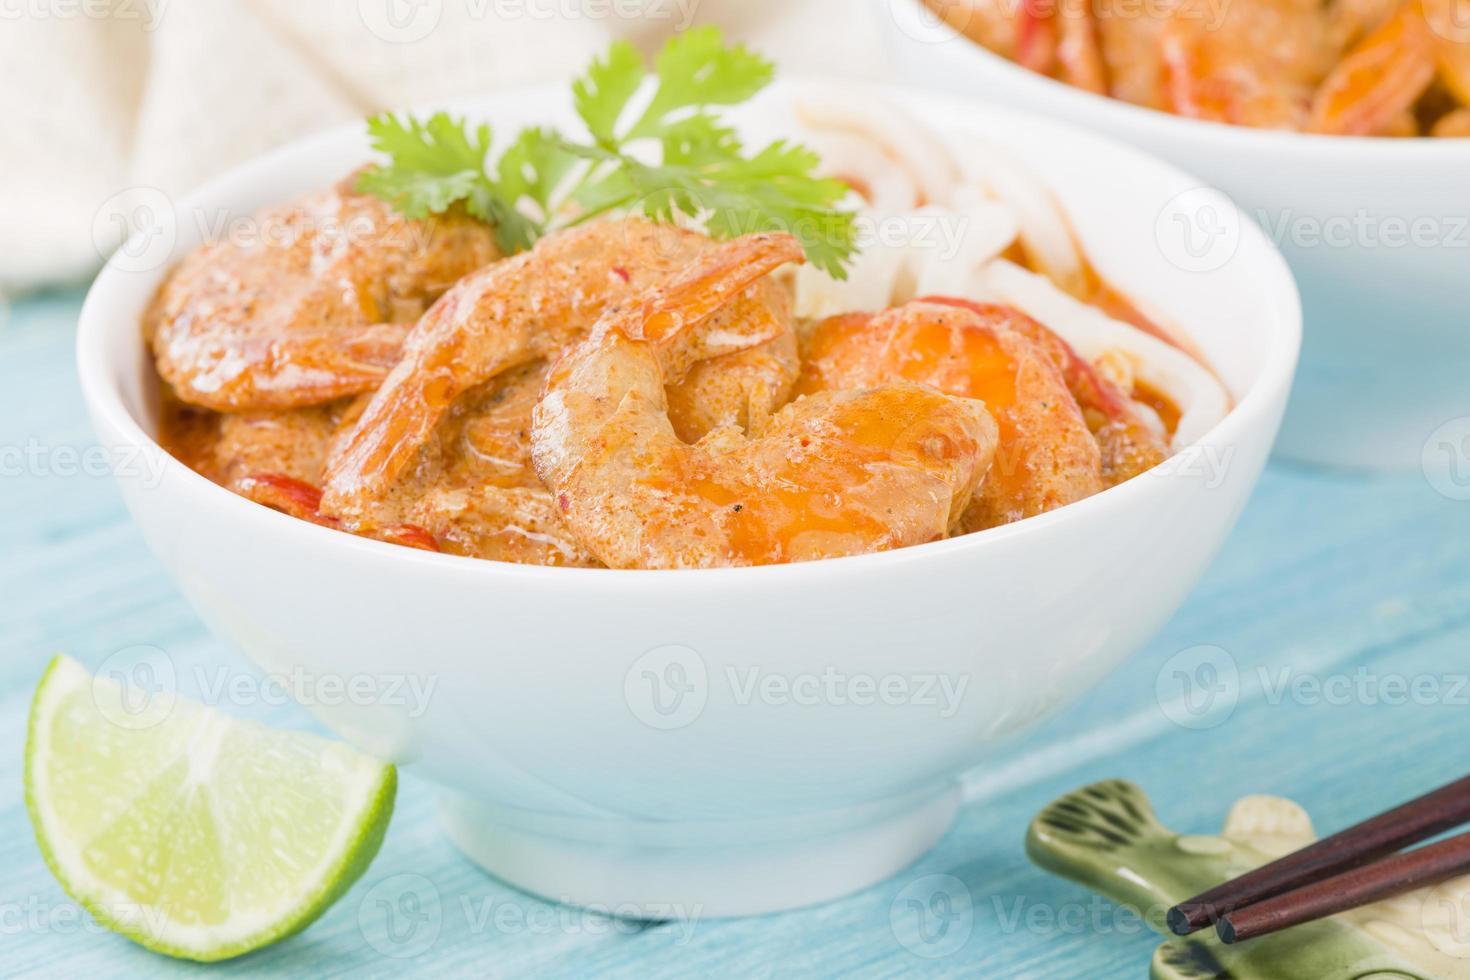 gamberi al curry tailandese con spaghetti foto